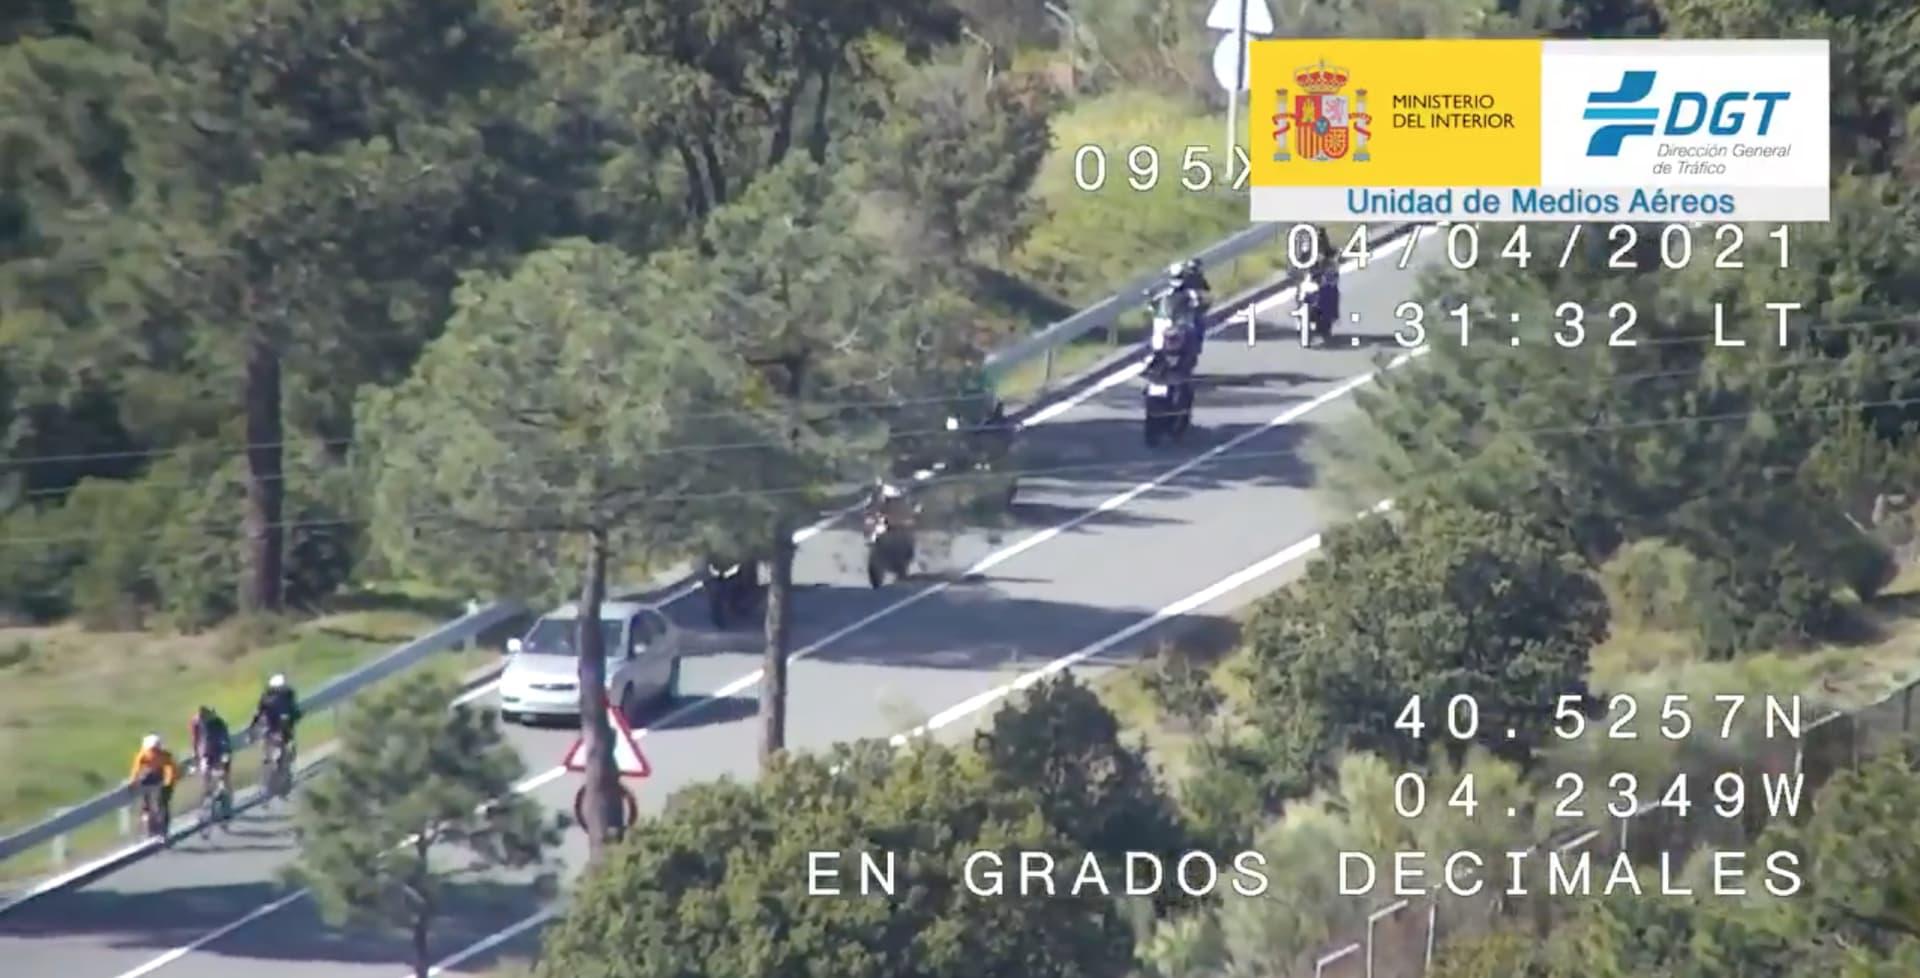 Adelantamiento Ciclistas Dgt Dron